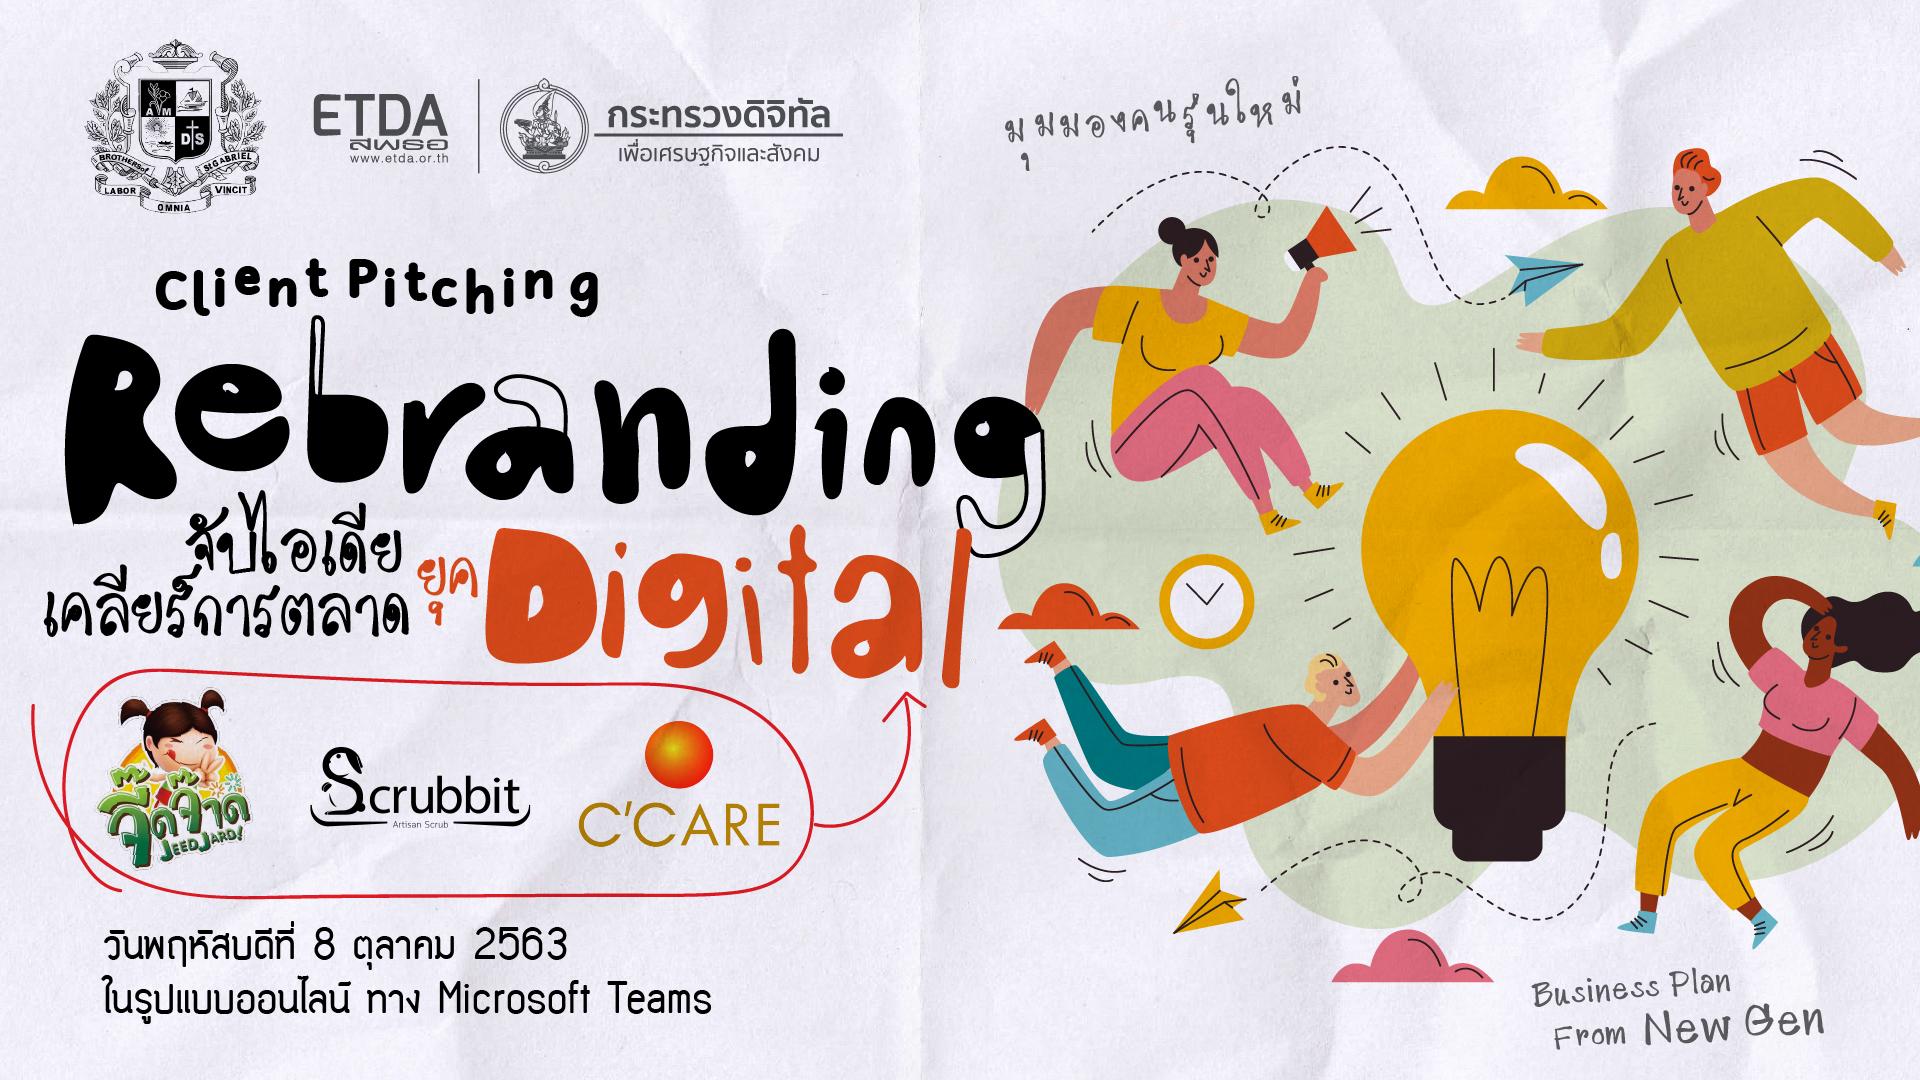 Client Pitching Rebranding จับไอเดียเคลียร์การตลาด ยุค Digital